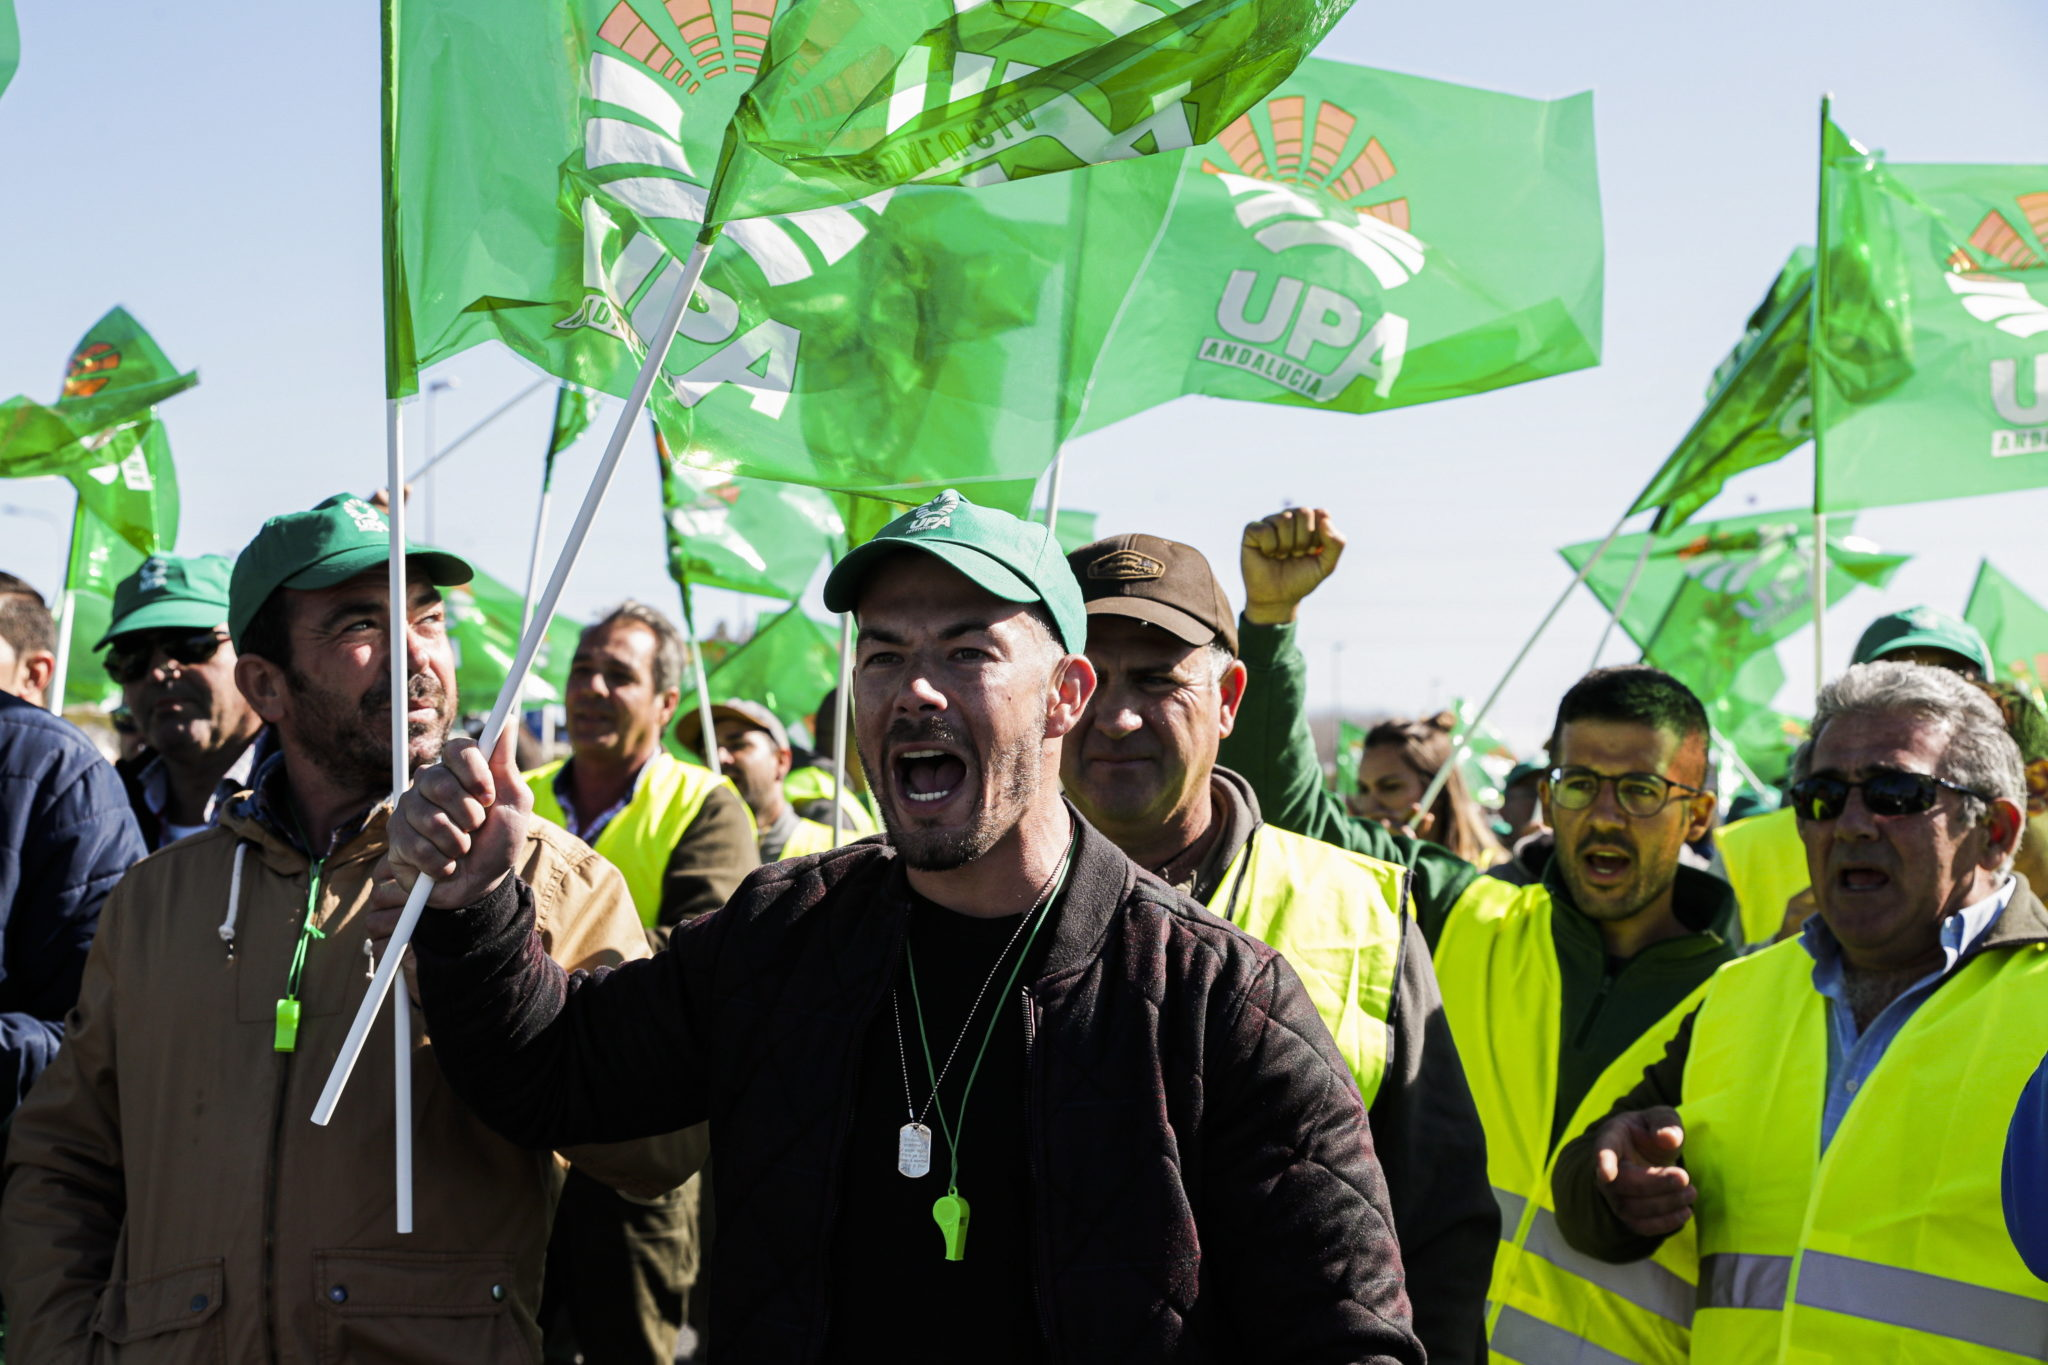 Protesty rolników w Hiszpanii. Fot. EPA/LUIS FORRA